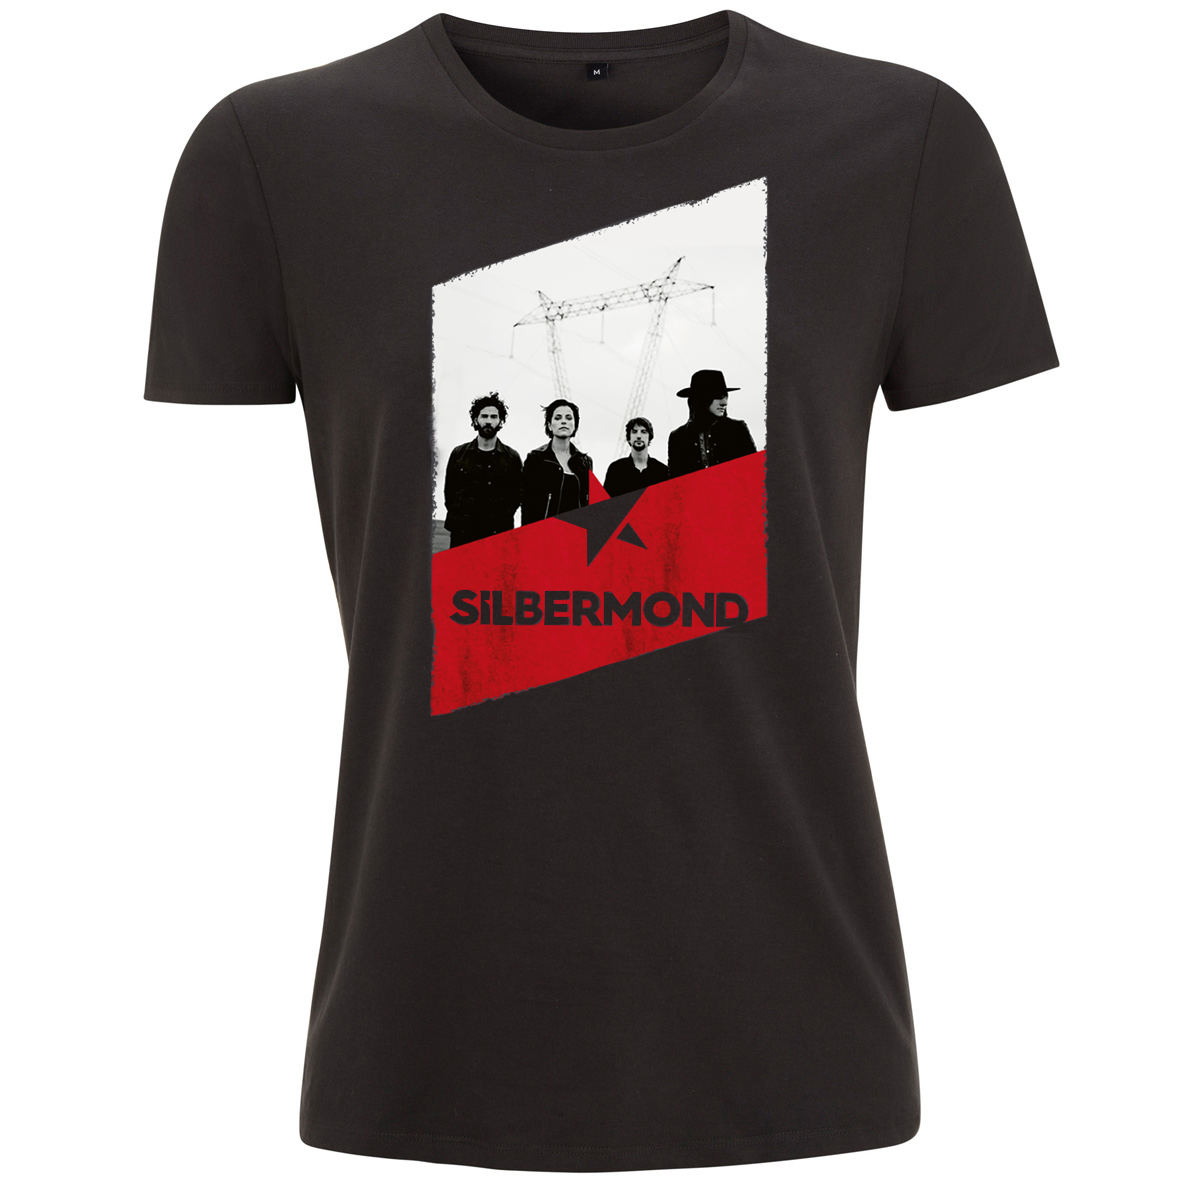 Silbermond Eventshirt Men 2019 T-Shirt, schwarz